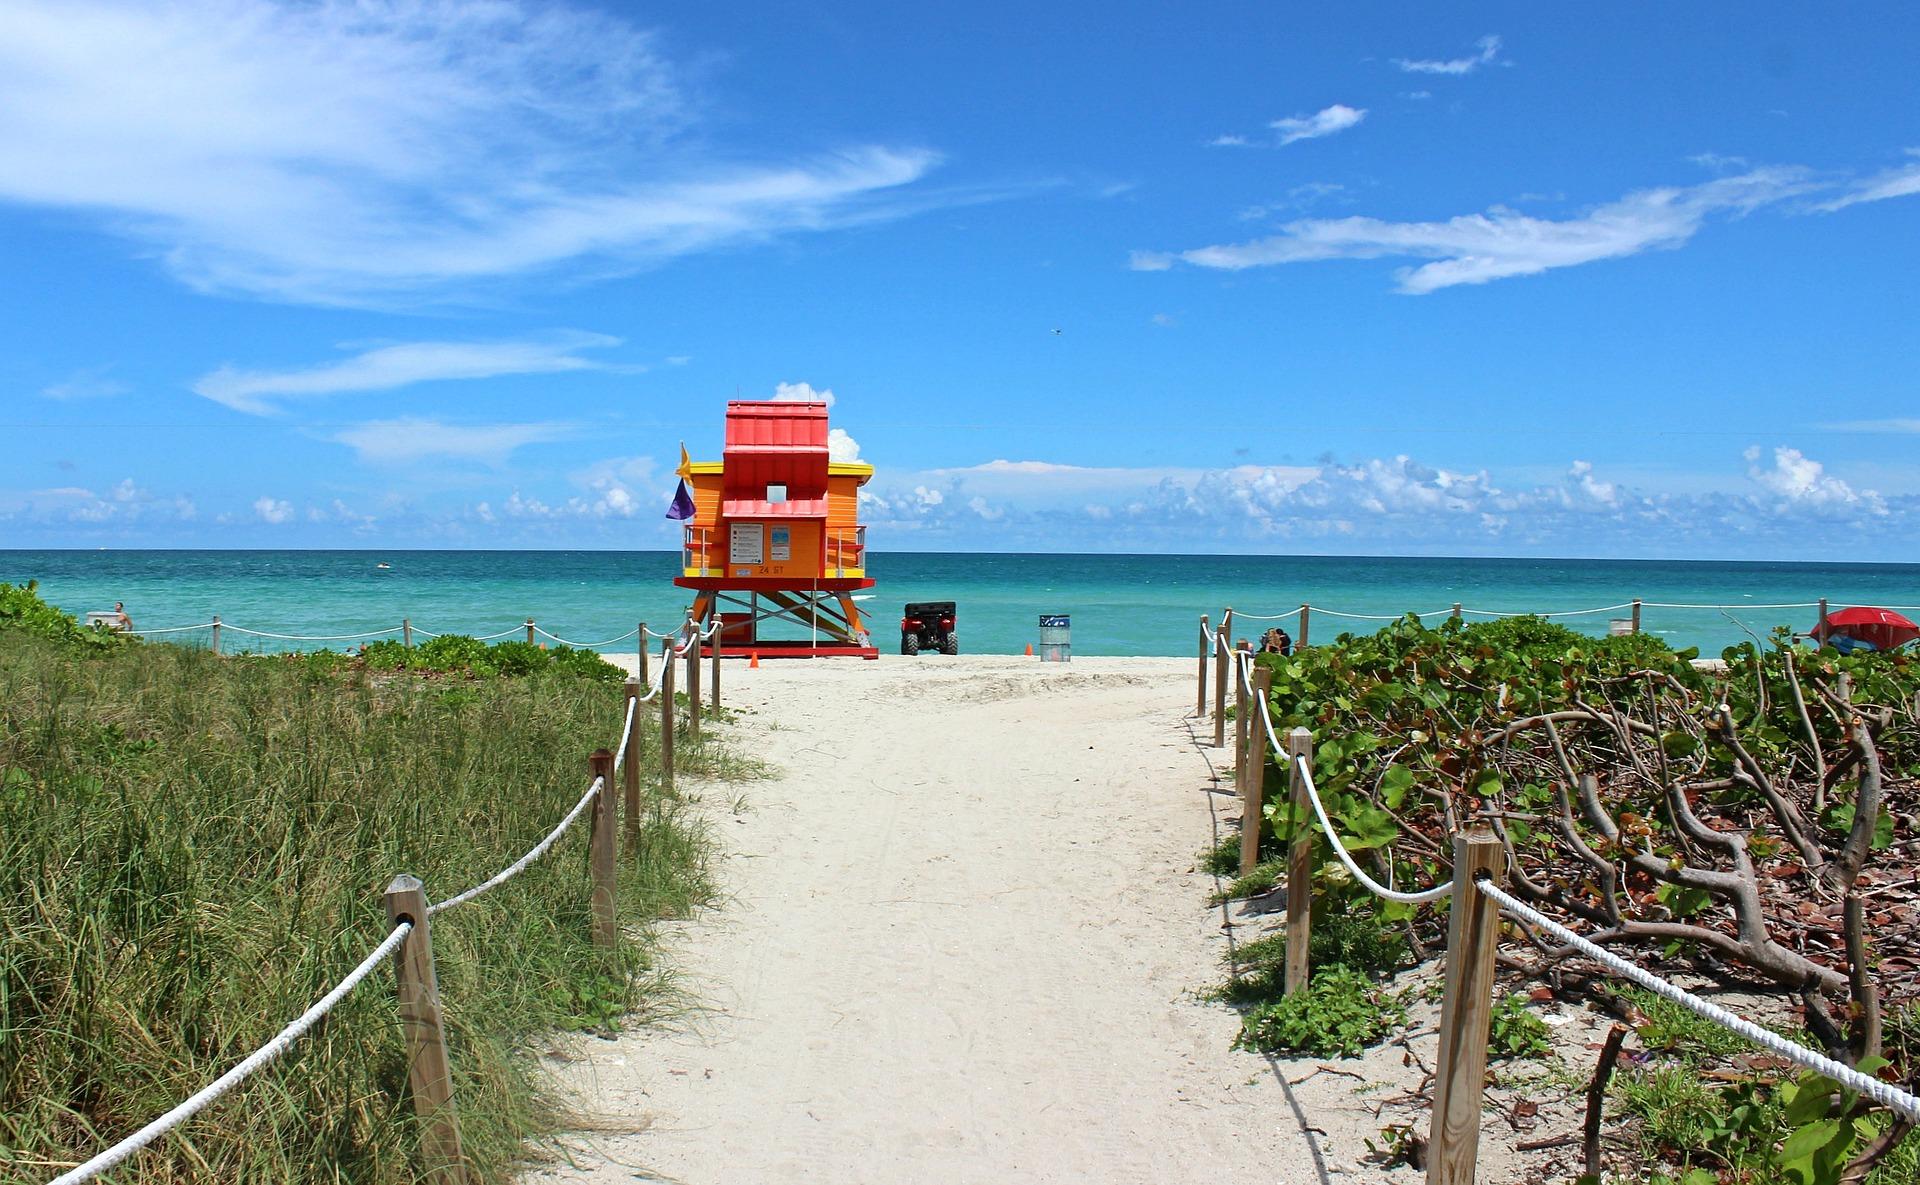 Vacances en Floride : tout ce qu'il faut savoir avant de partir